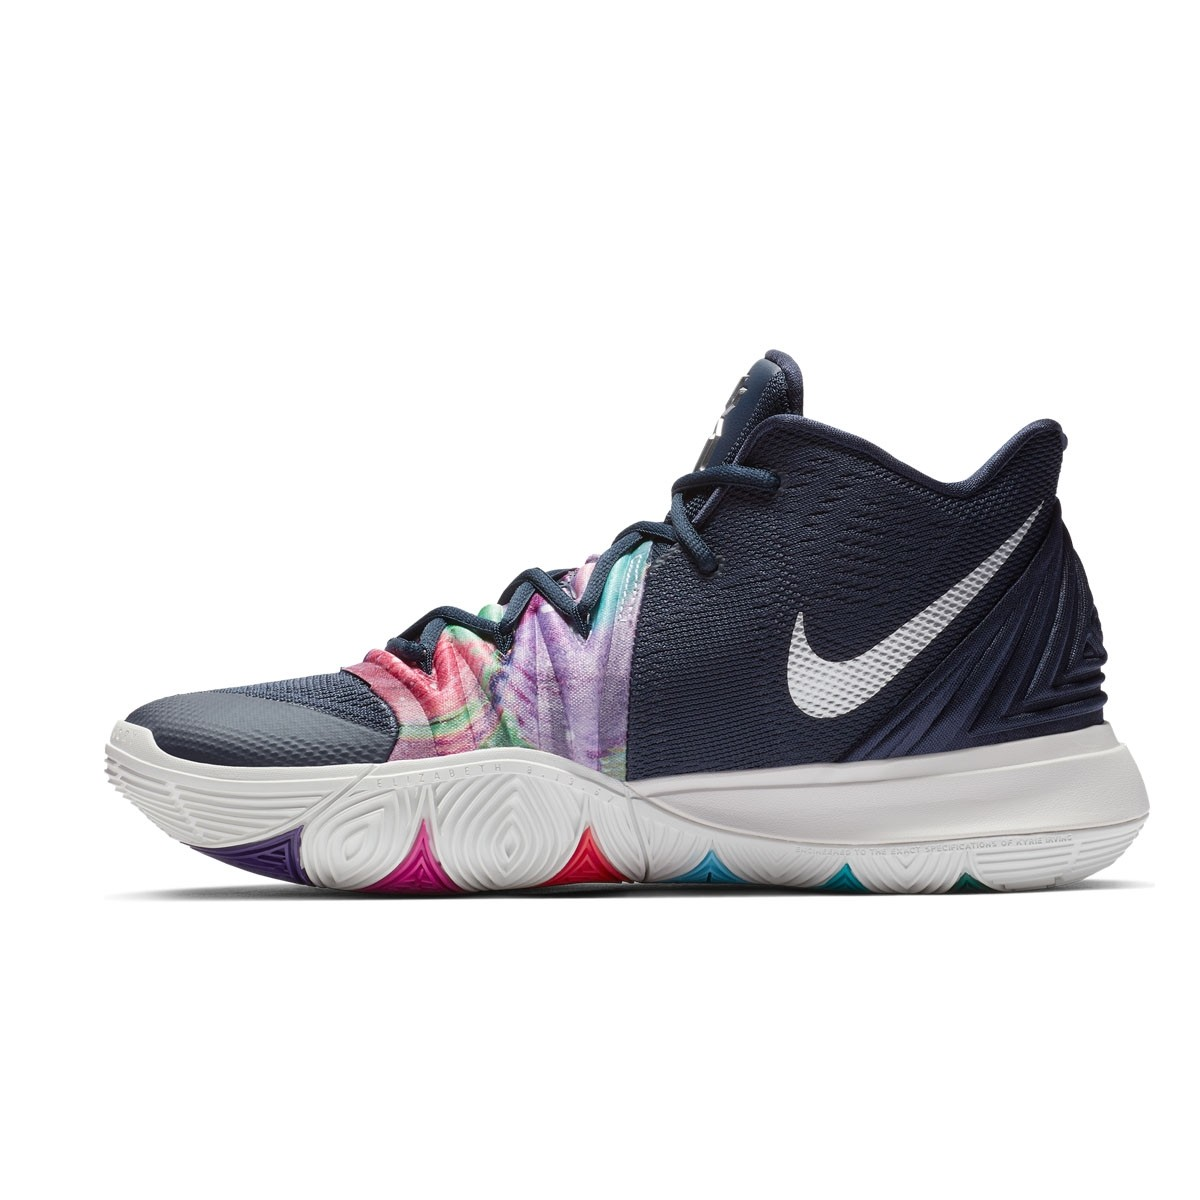 Nike Kyrie 5 'Multicolor' AO2918-900